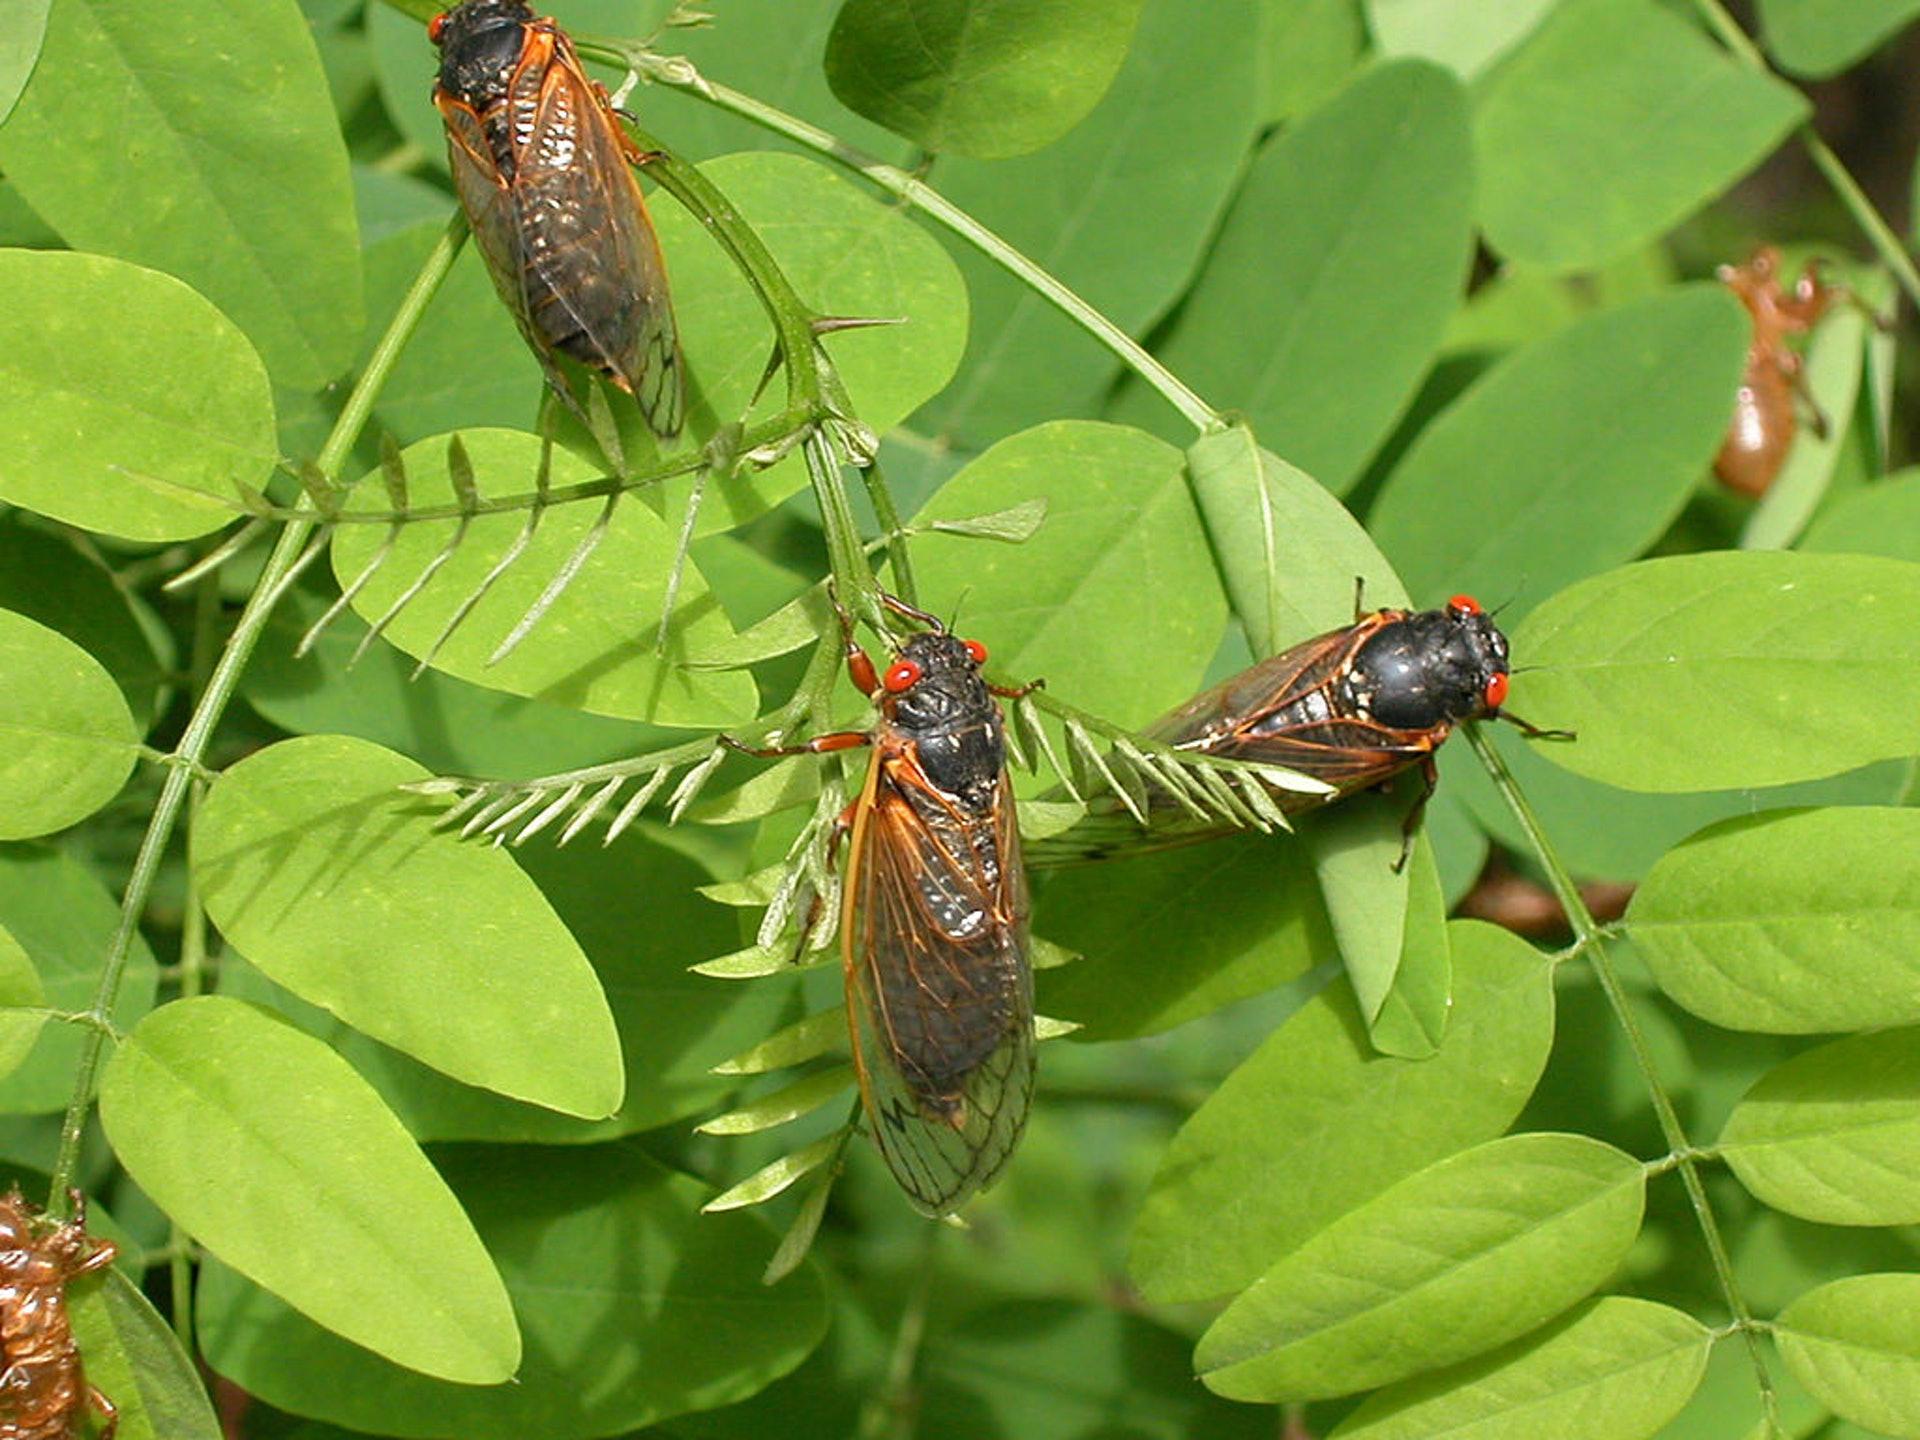 繼疫情及大黃蜂後「17年蟬」將回歸襲美預計每畝高達150萬隻|香港01|世界專題